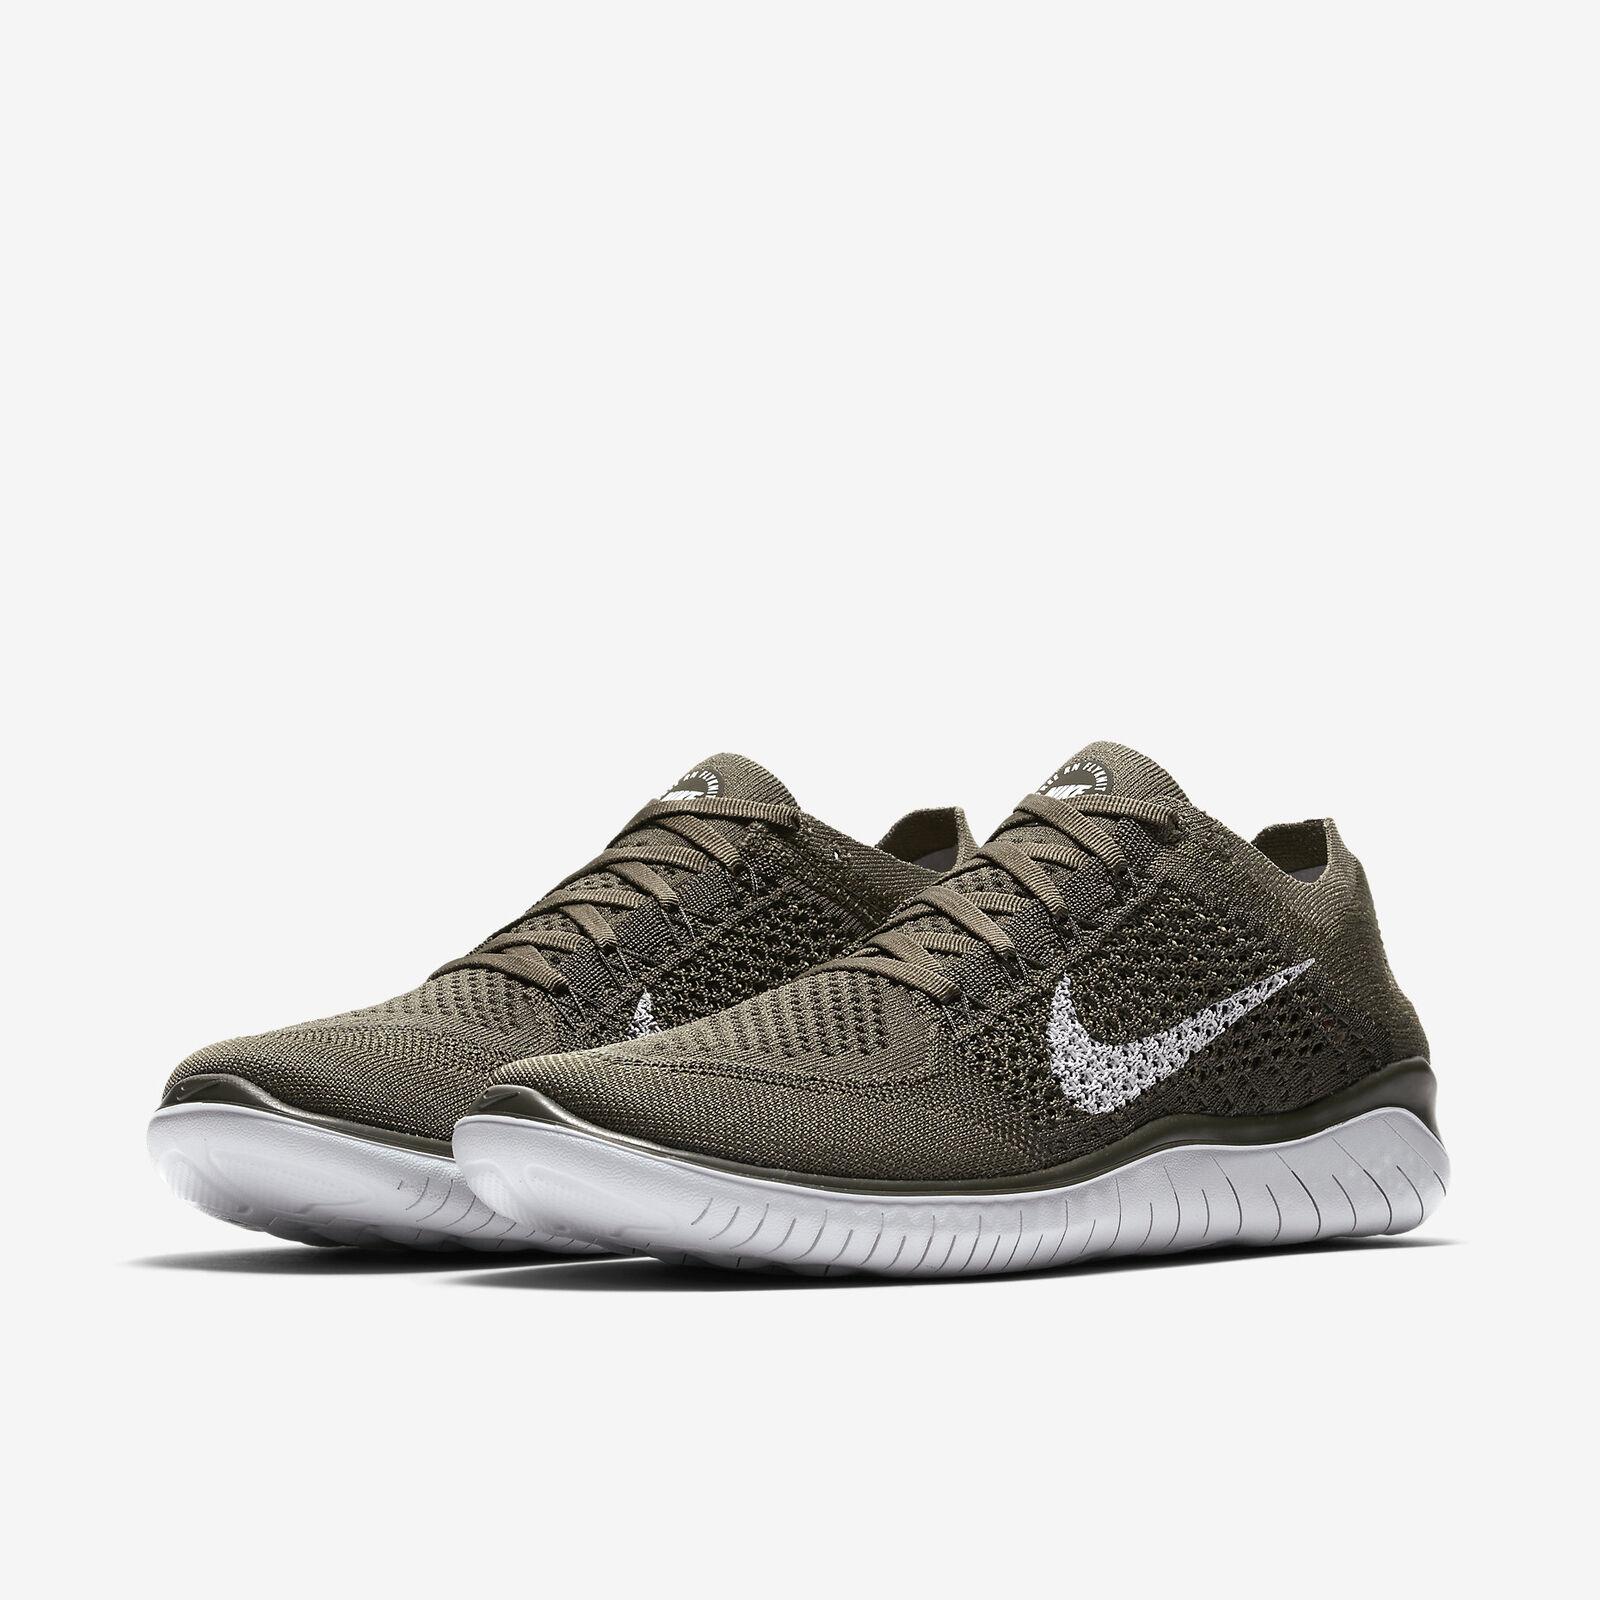 Nike Gratuit Rn Flyknit 2018 Cargo Kaki / M Séquoia Olive / Séquoia M Course Hommes All 739912